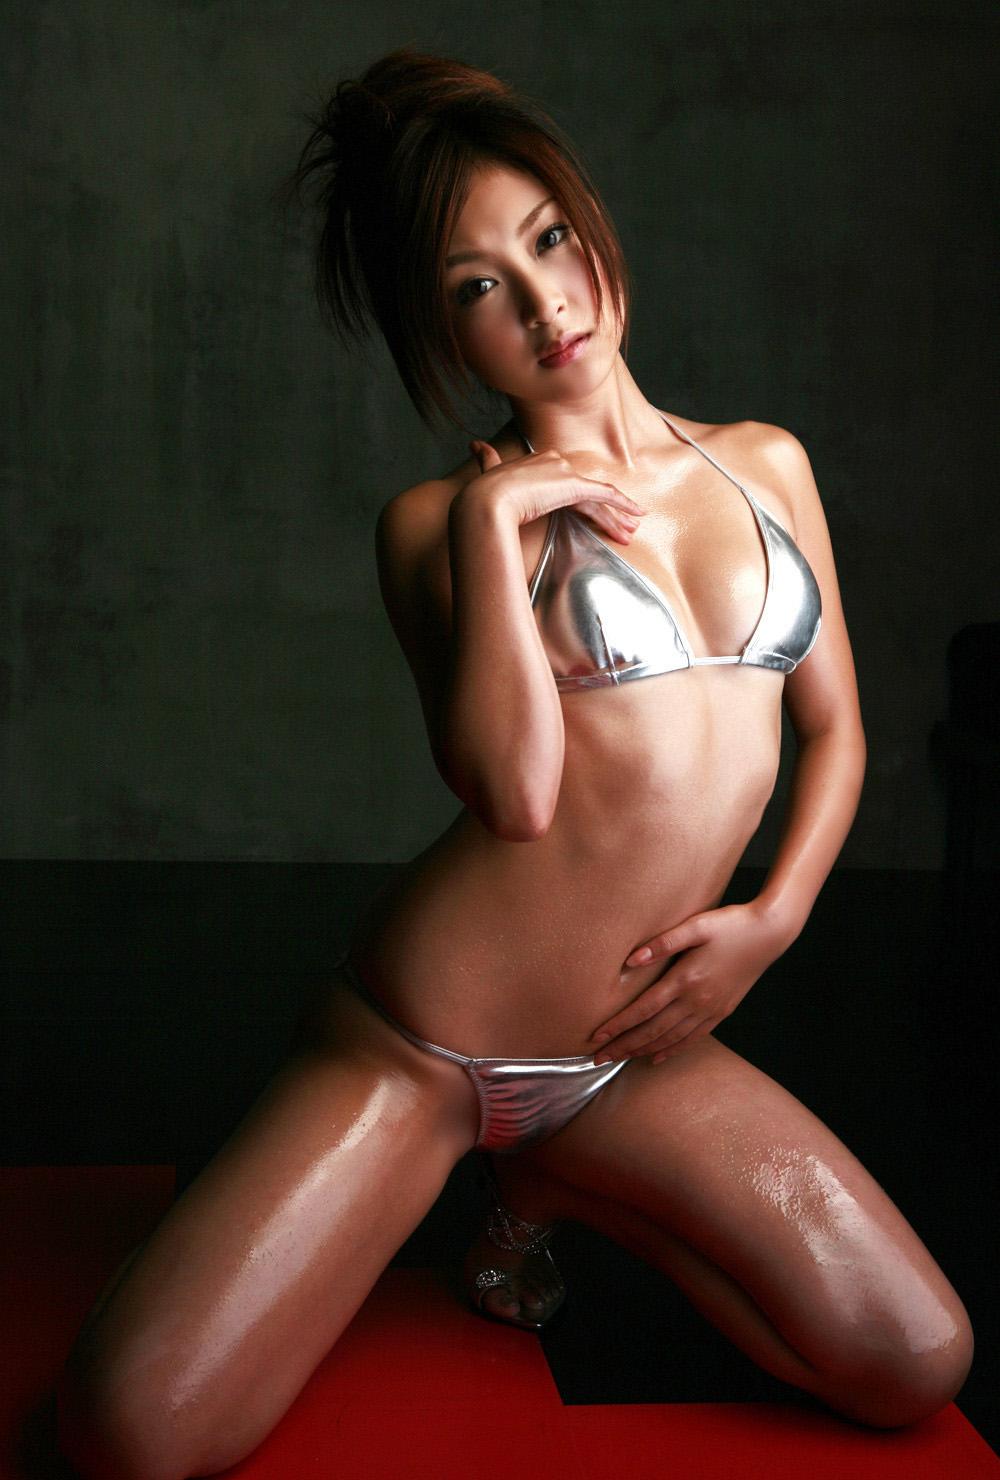 辰巳奈都子 画像 掲示板 93